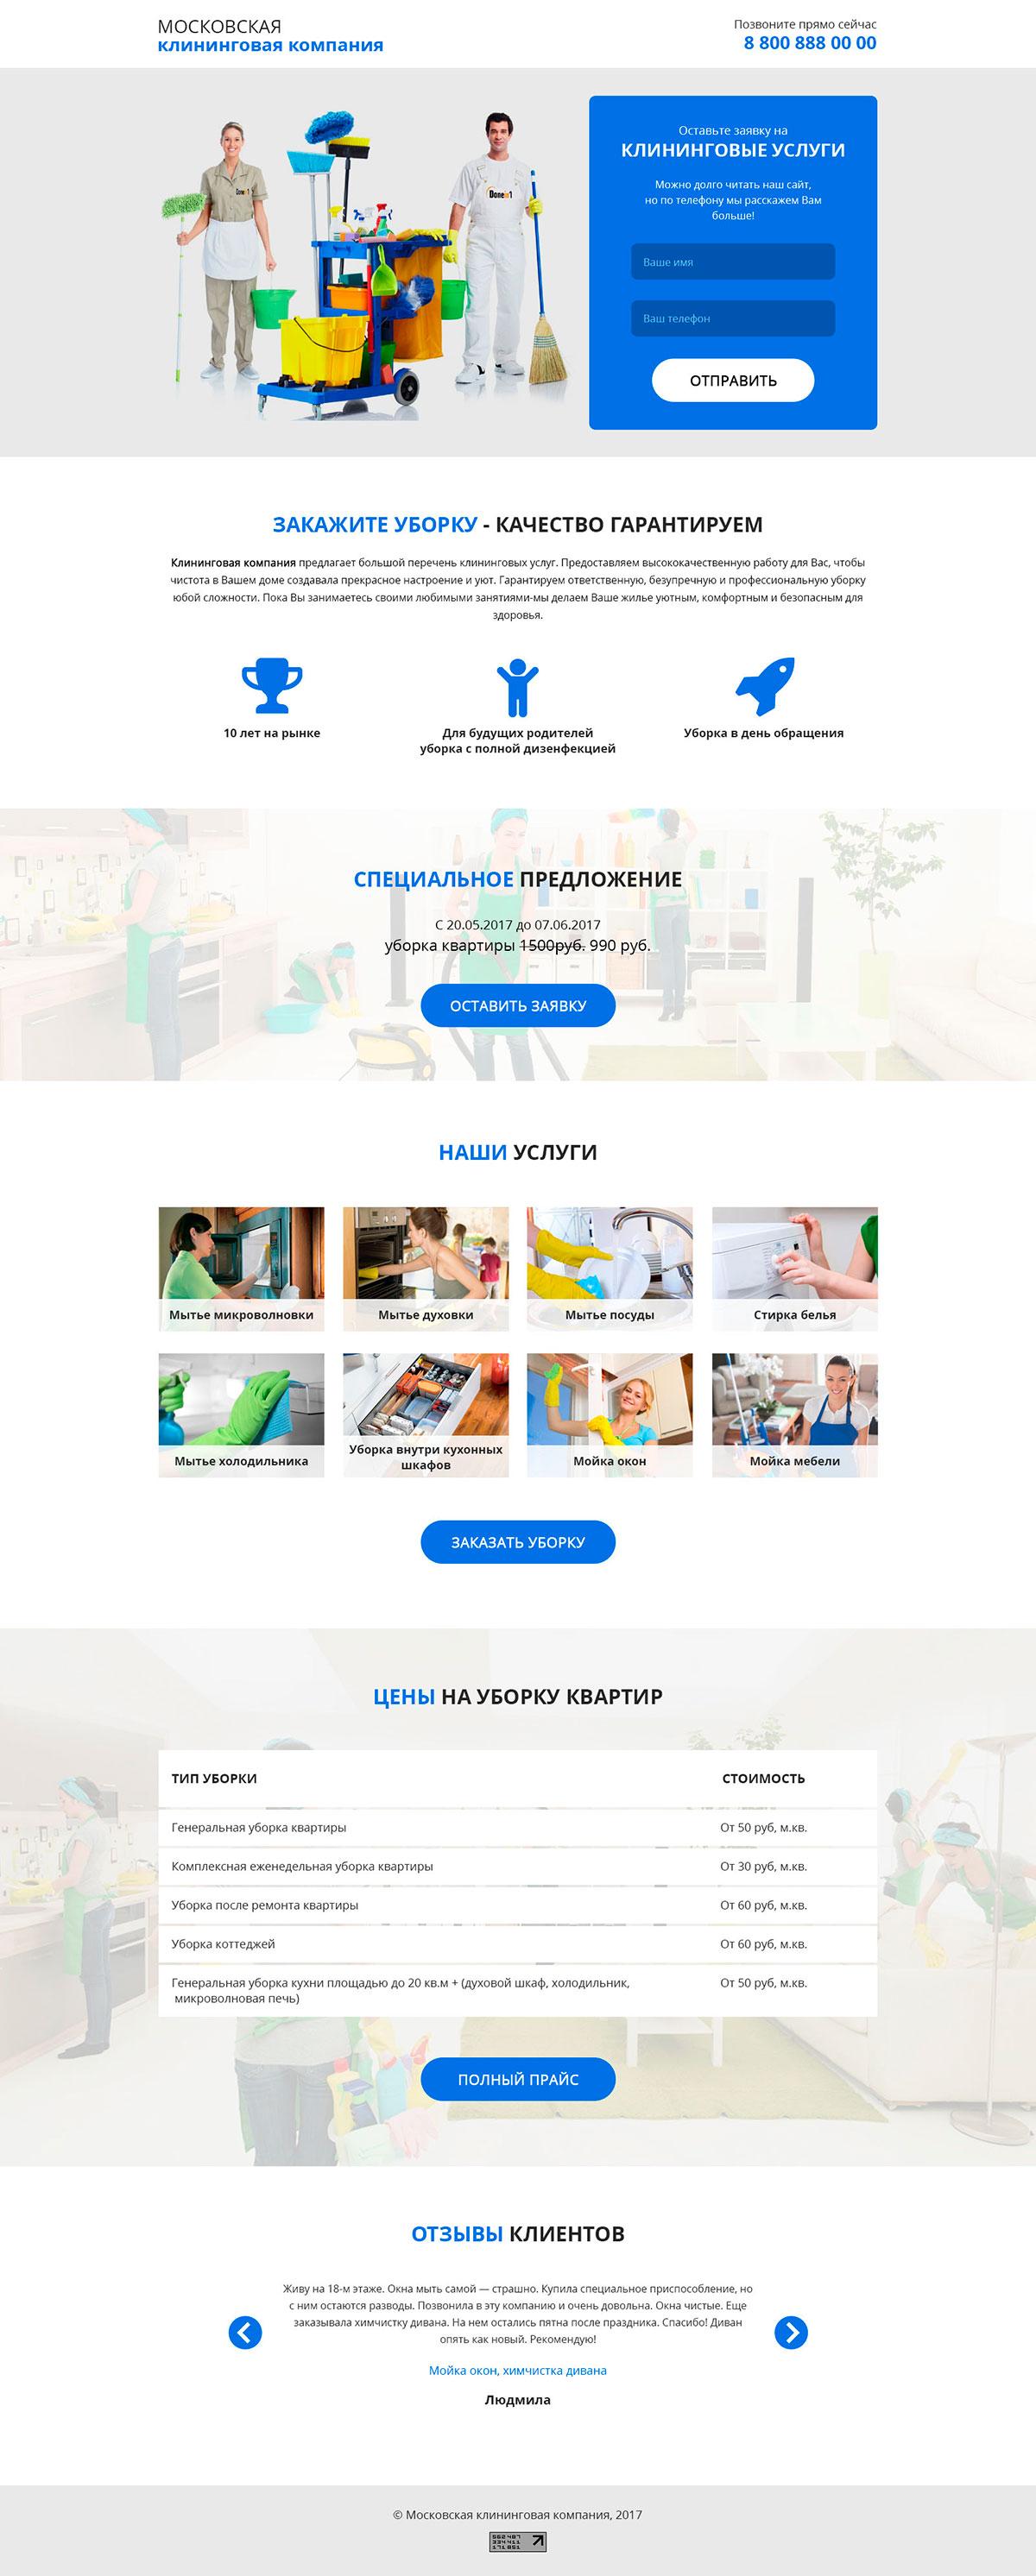 Разработка создание продвижение и сопровождение любых сайтов